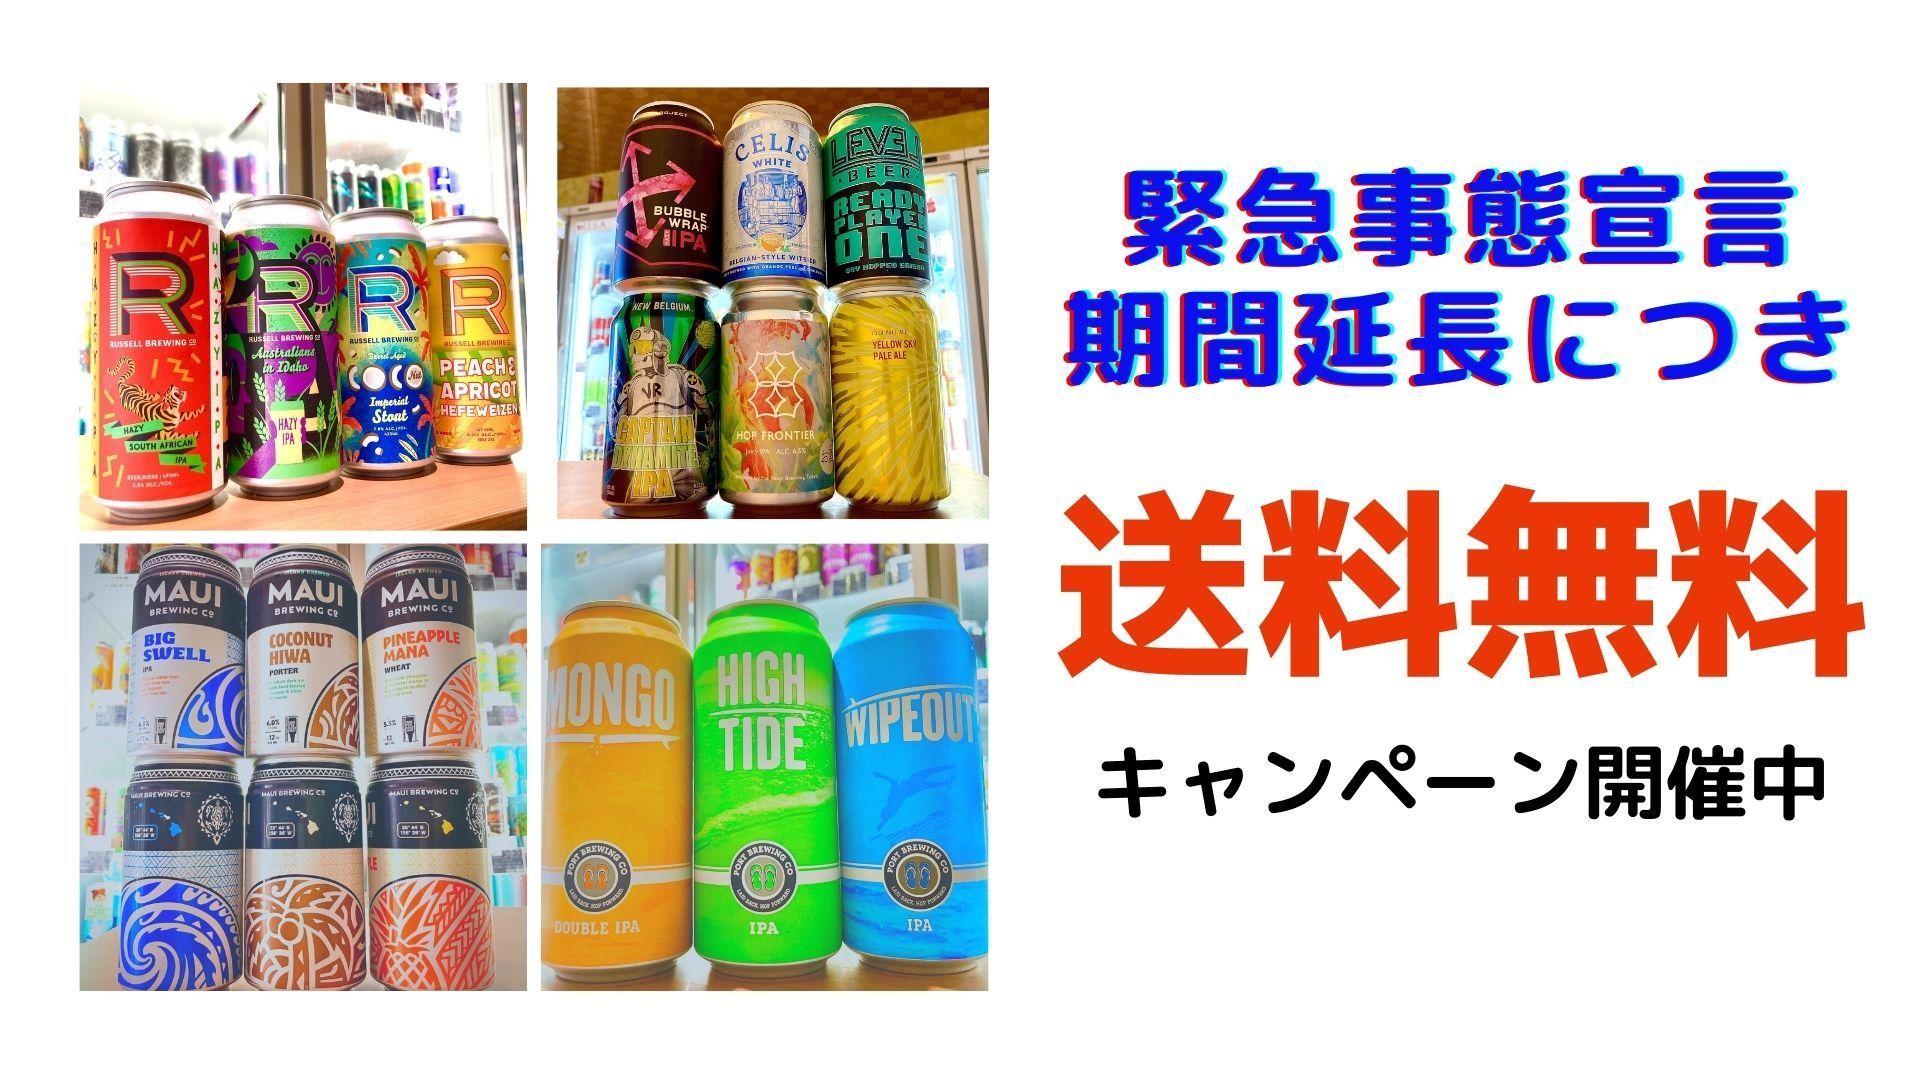 お家ビール応援キャンペーン!